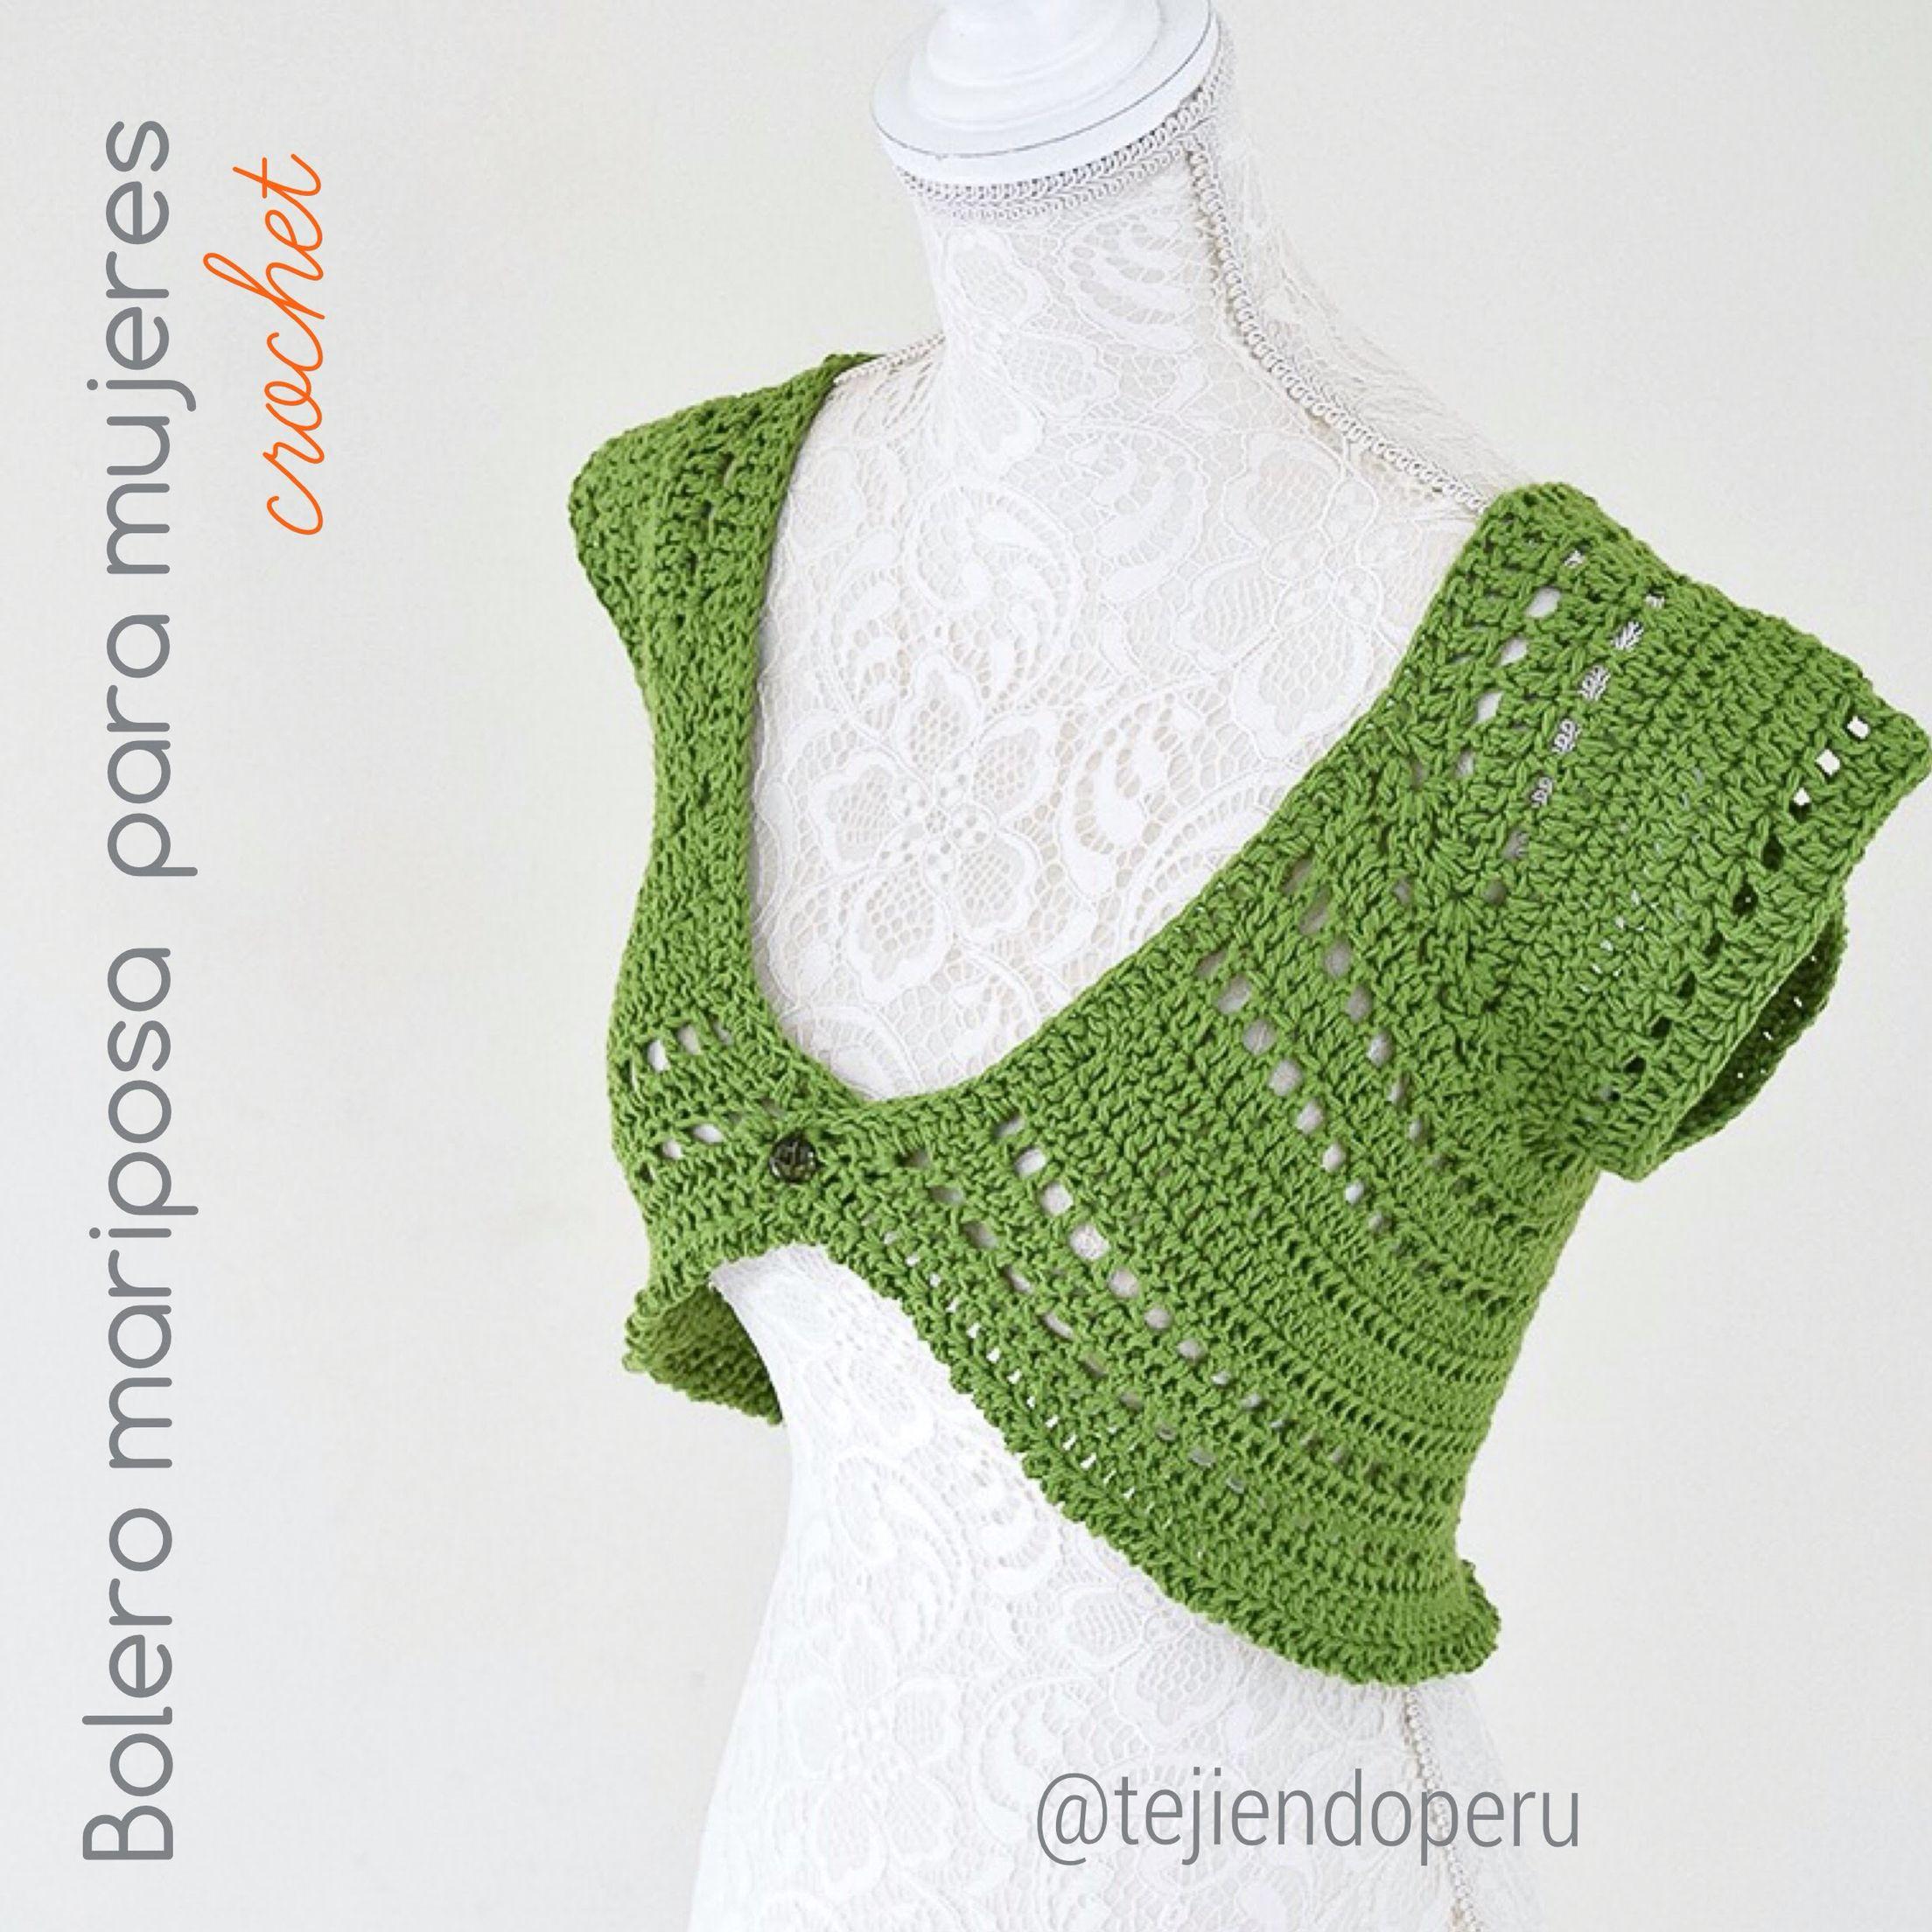 Increíble Mariposa Patrón De Crochet Manta Imagen - Manta de Tejer ...